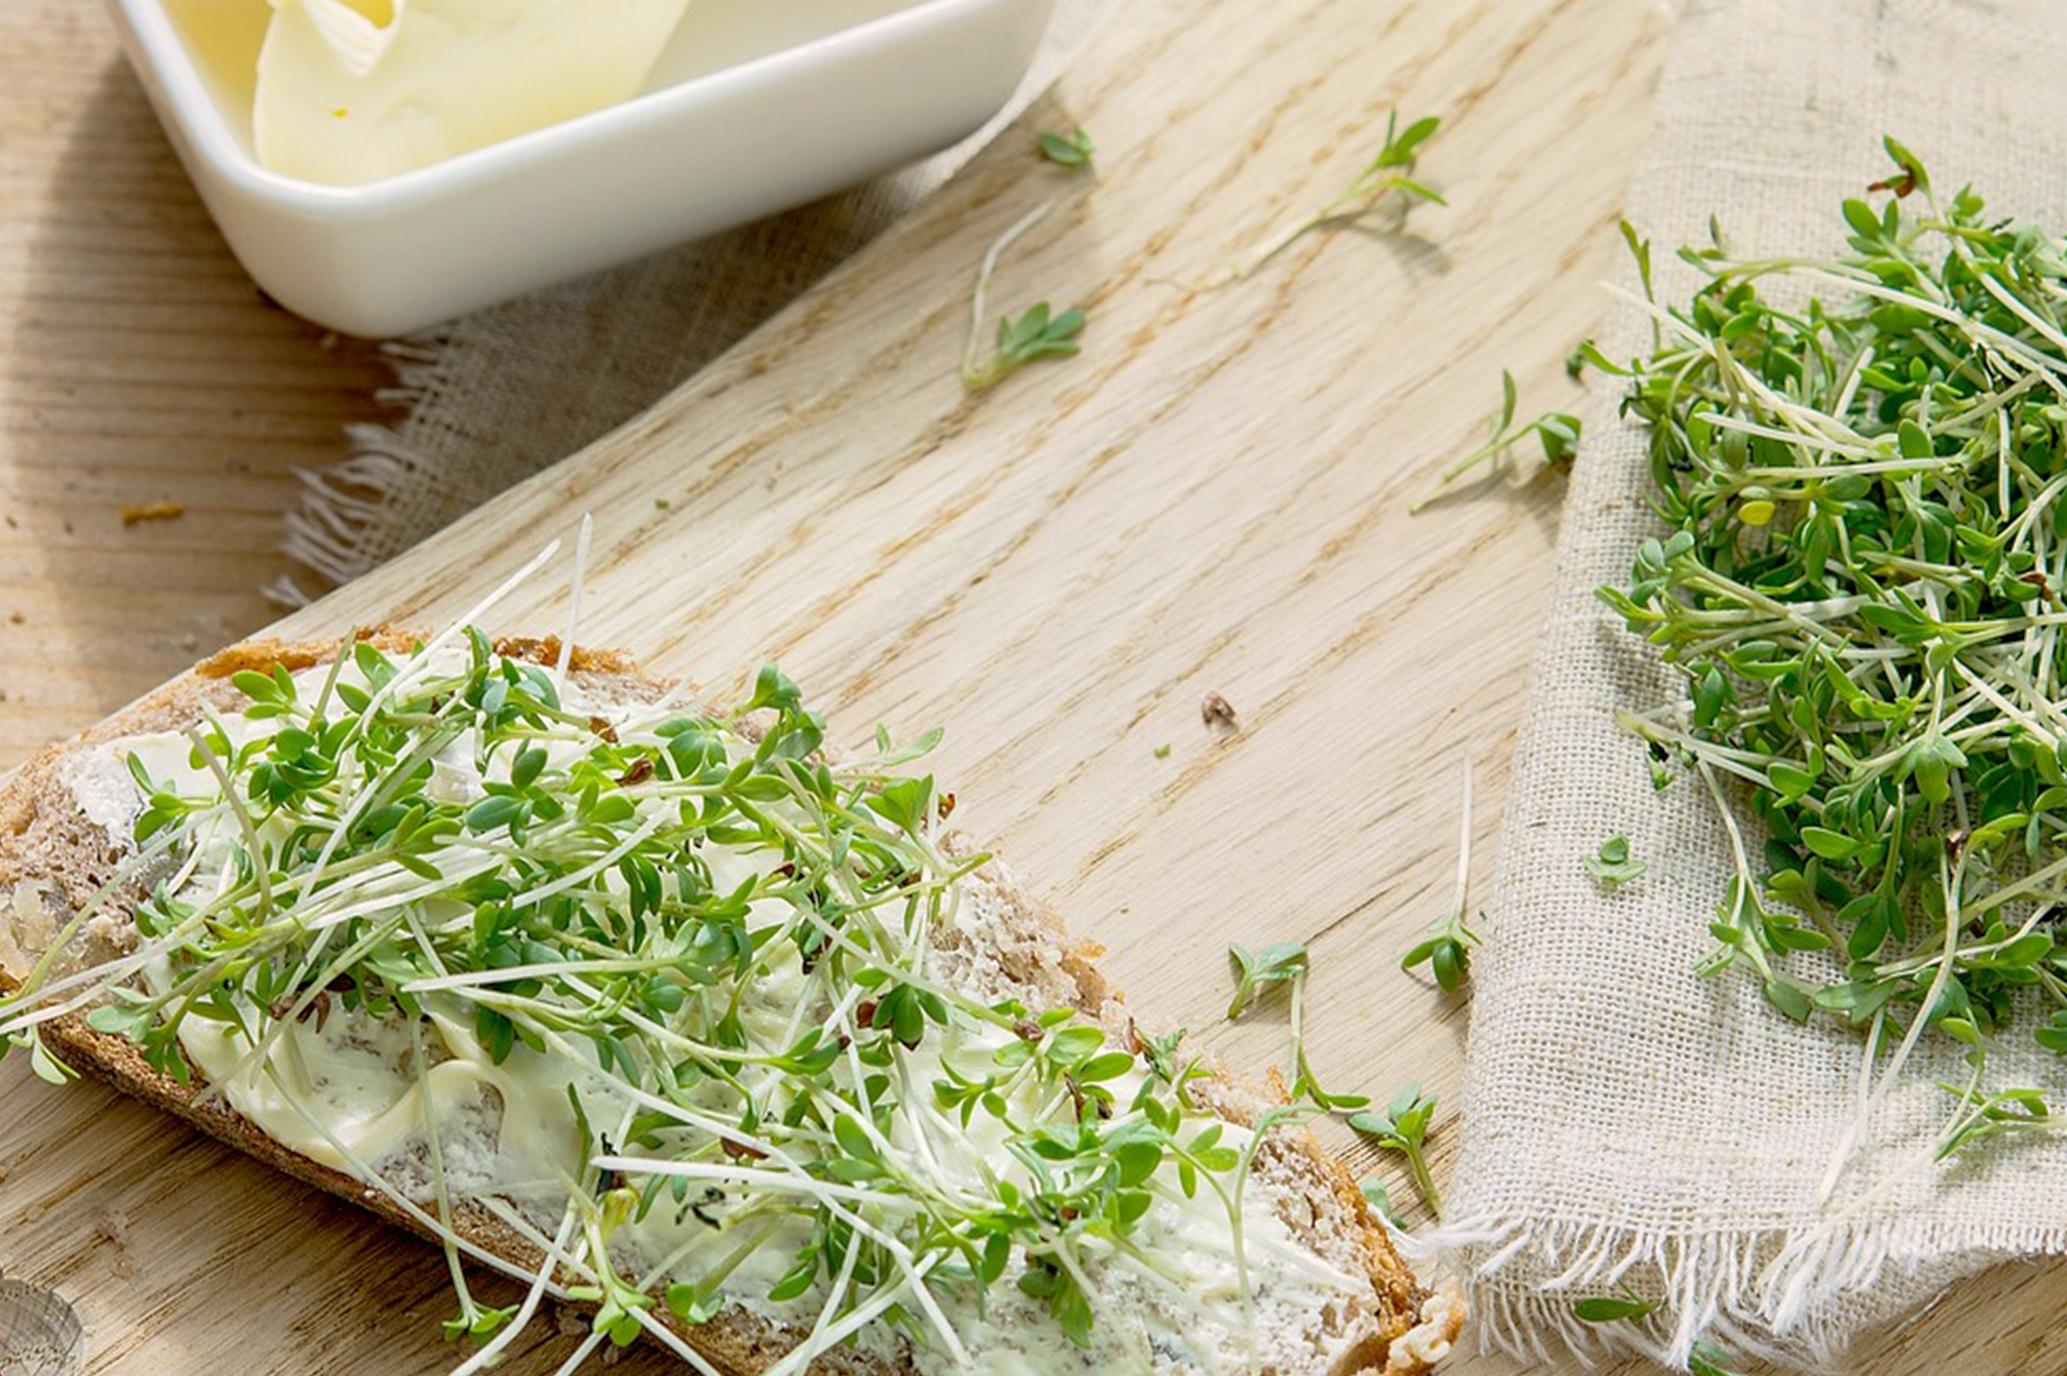 Ein besonders leckeres Picknickrezept: Weizenfreies Brot ist der perfekte Begleiter. © pixabay.com